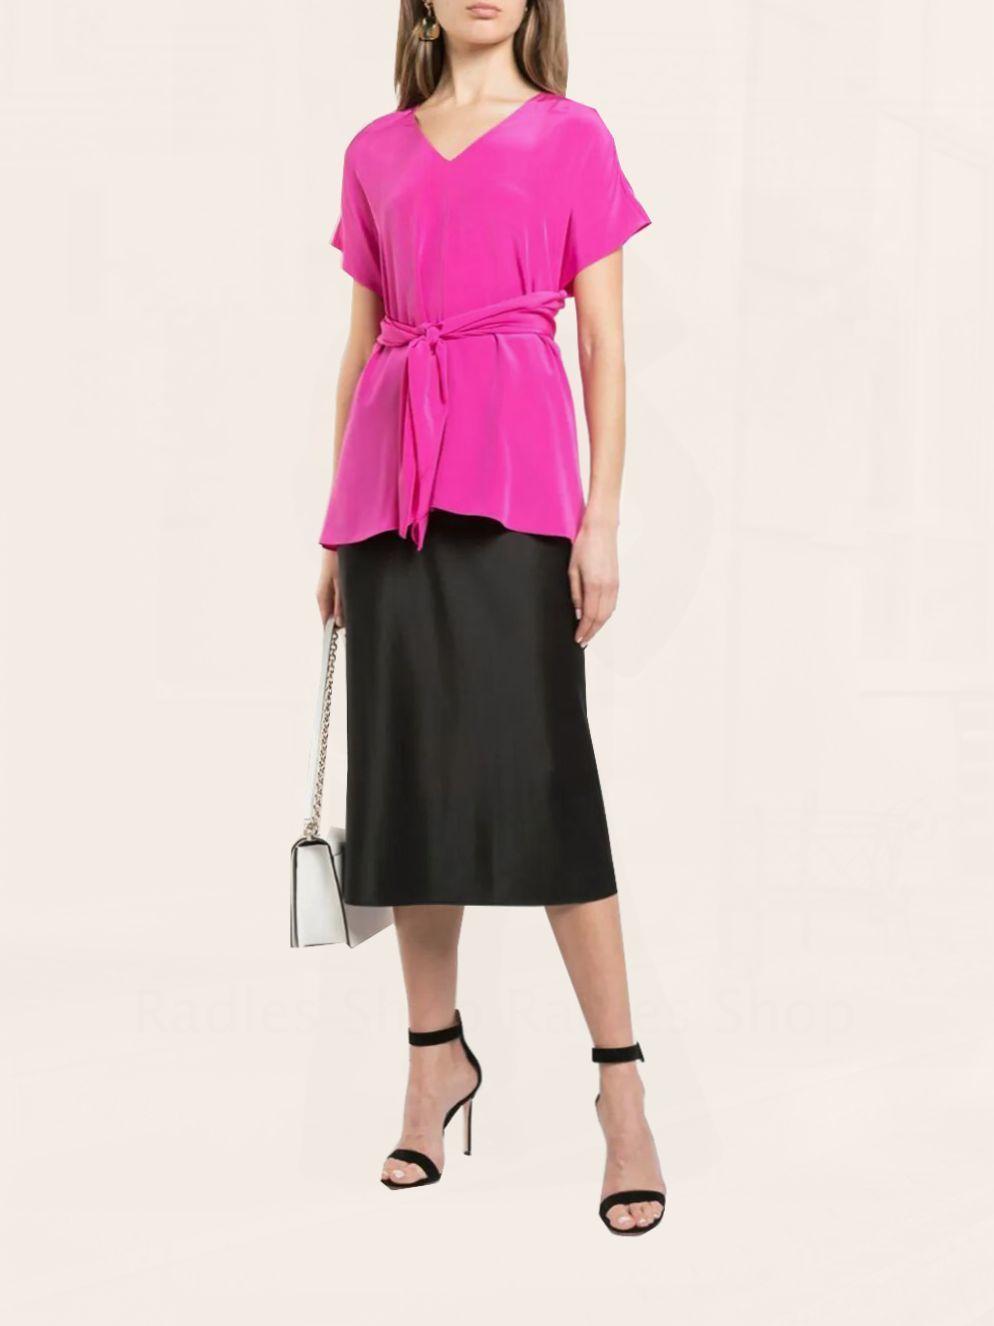 Женская блузка. Женская блузка для работы. Блузка женская на вечеринку, Блузки, Оренбург, Фото №1